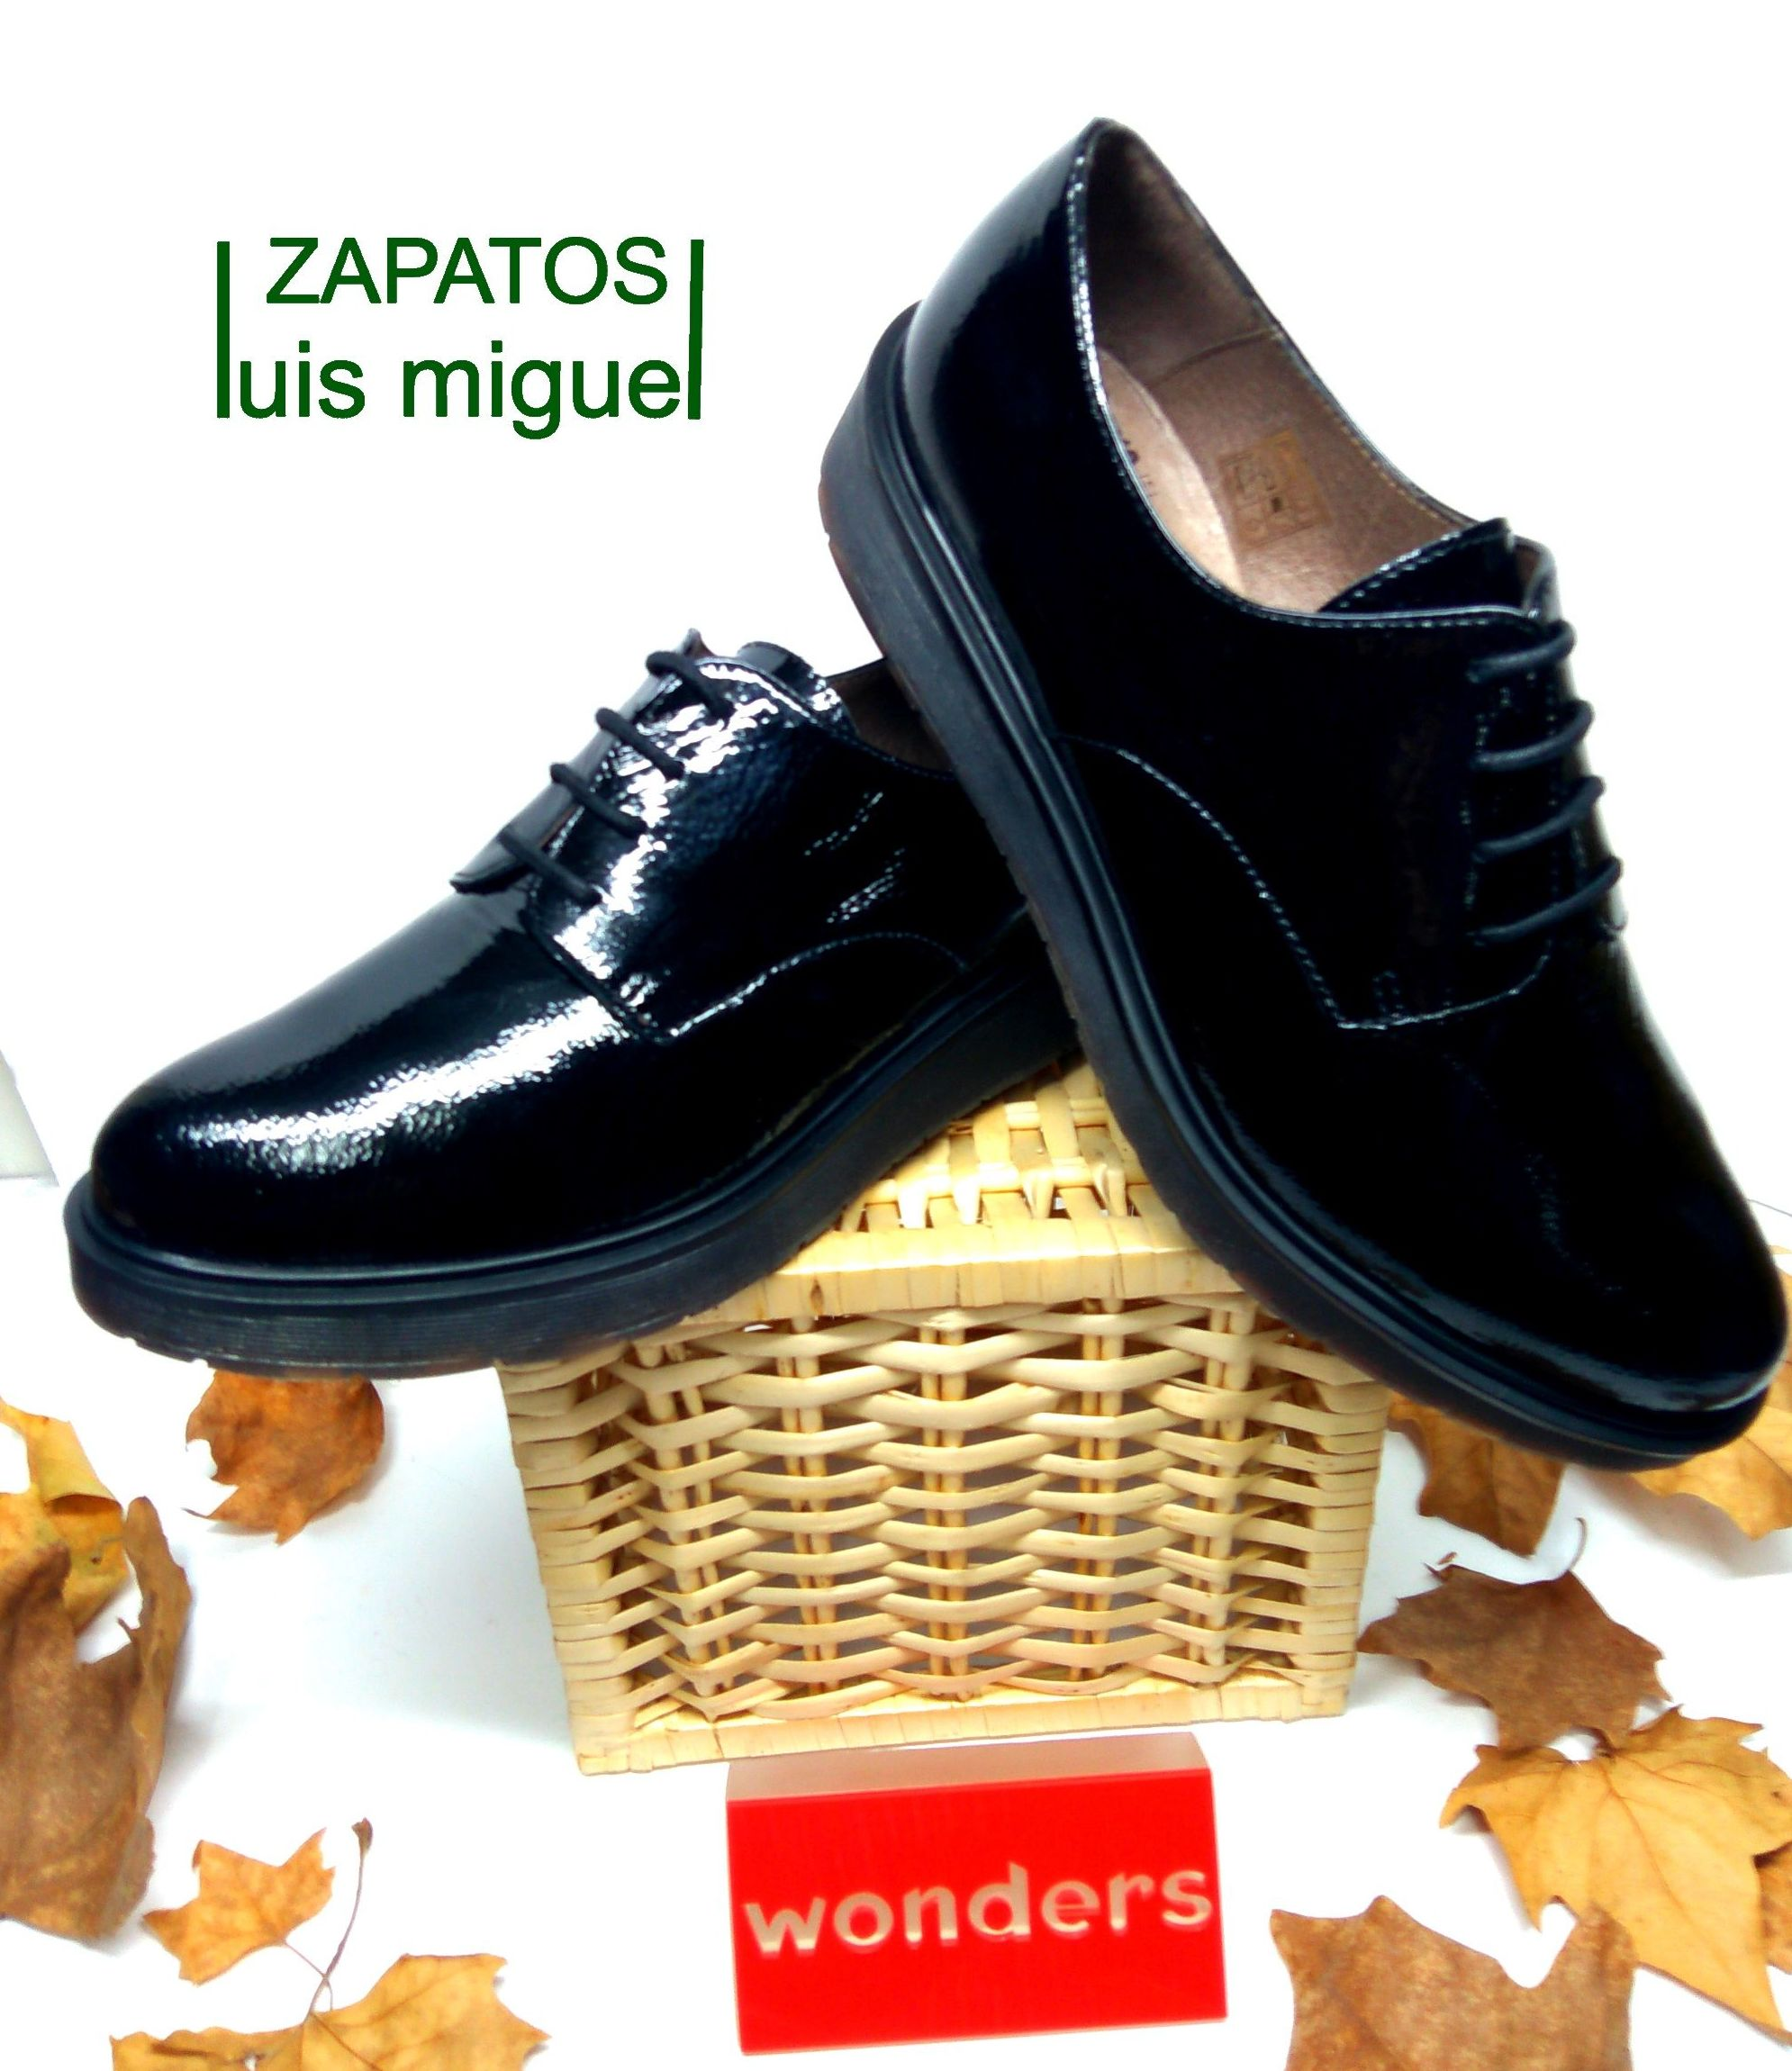 zapatos de cordones WONDERS: Catalogo de productos de Zapatos Luis Miguel